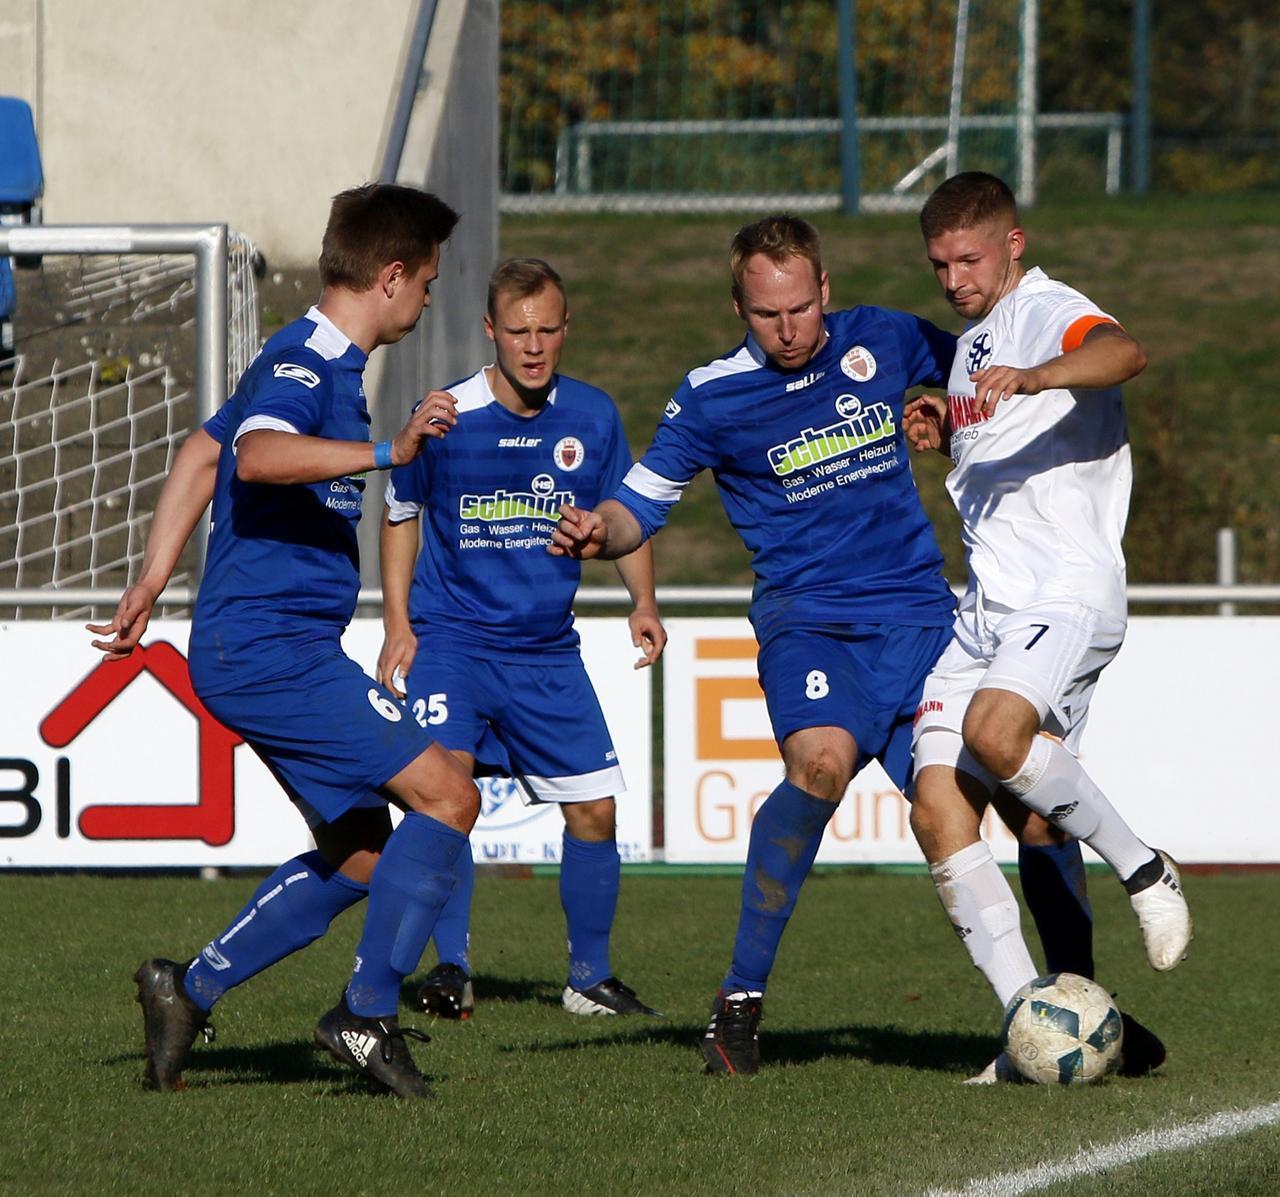 GSC 08 hilft gegen Kästorf nur ein Sieg